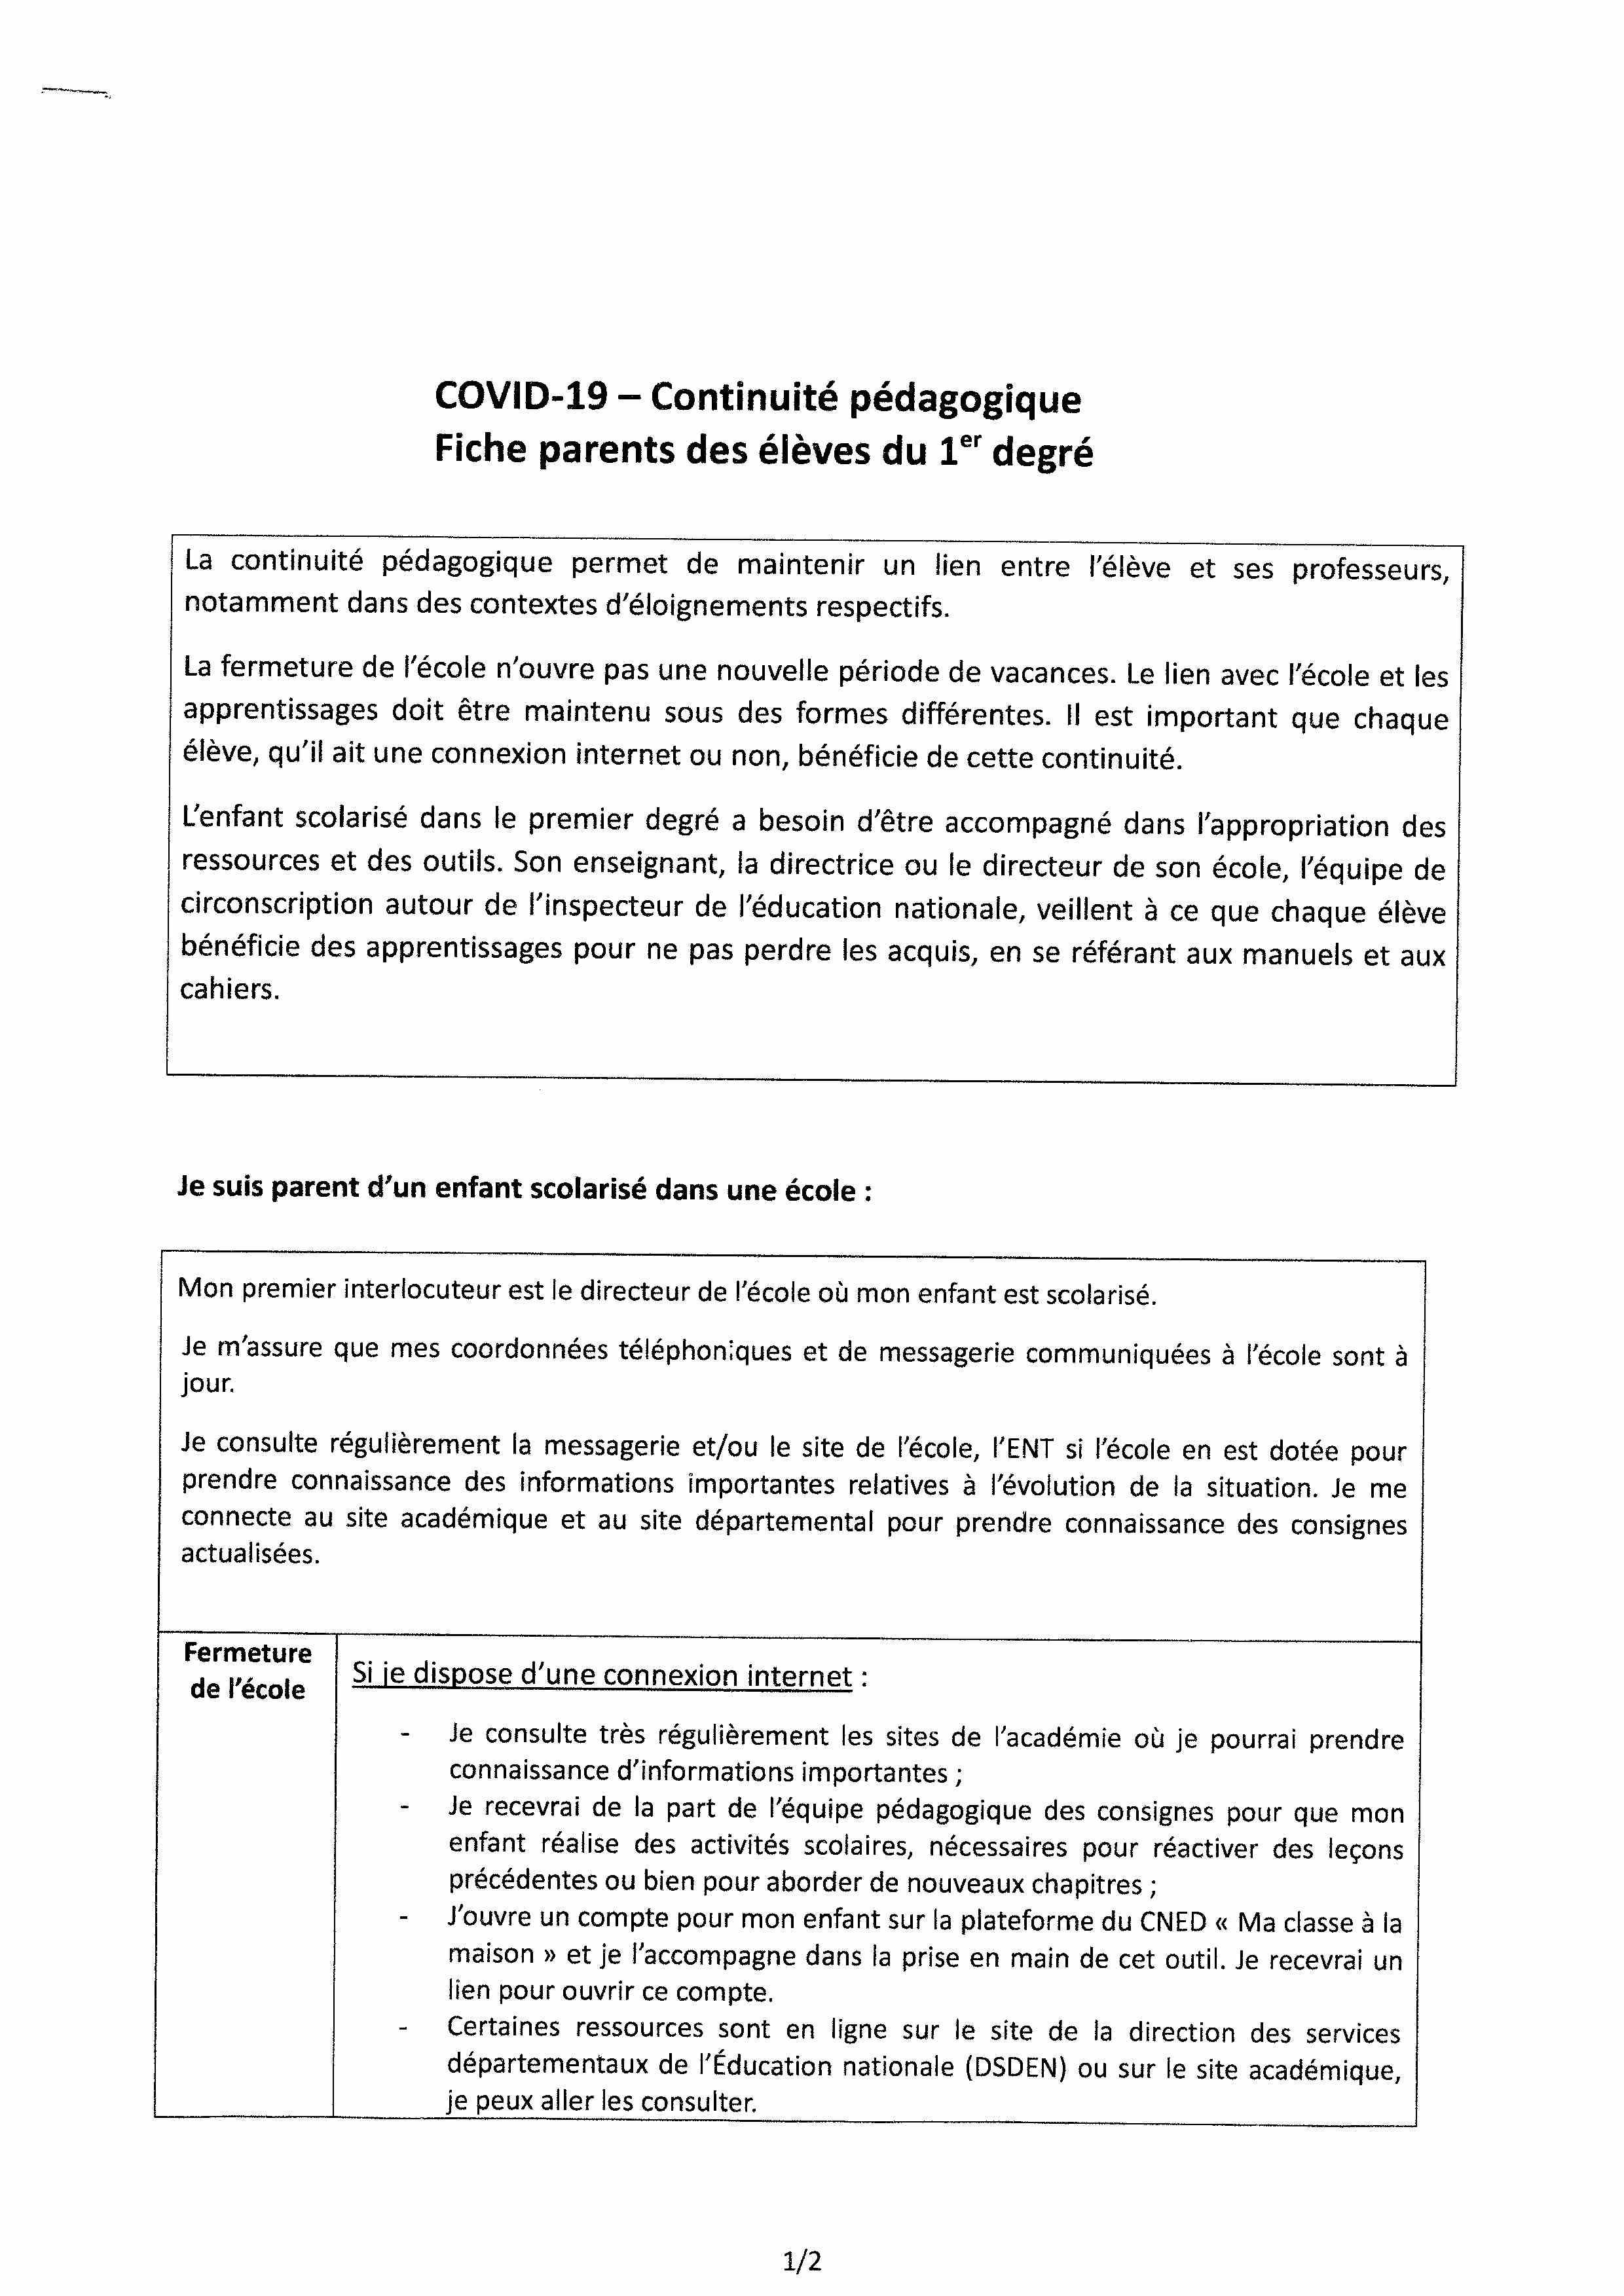 COVID 19 - continuité pédagogique -1